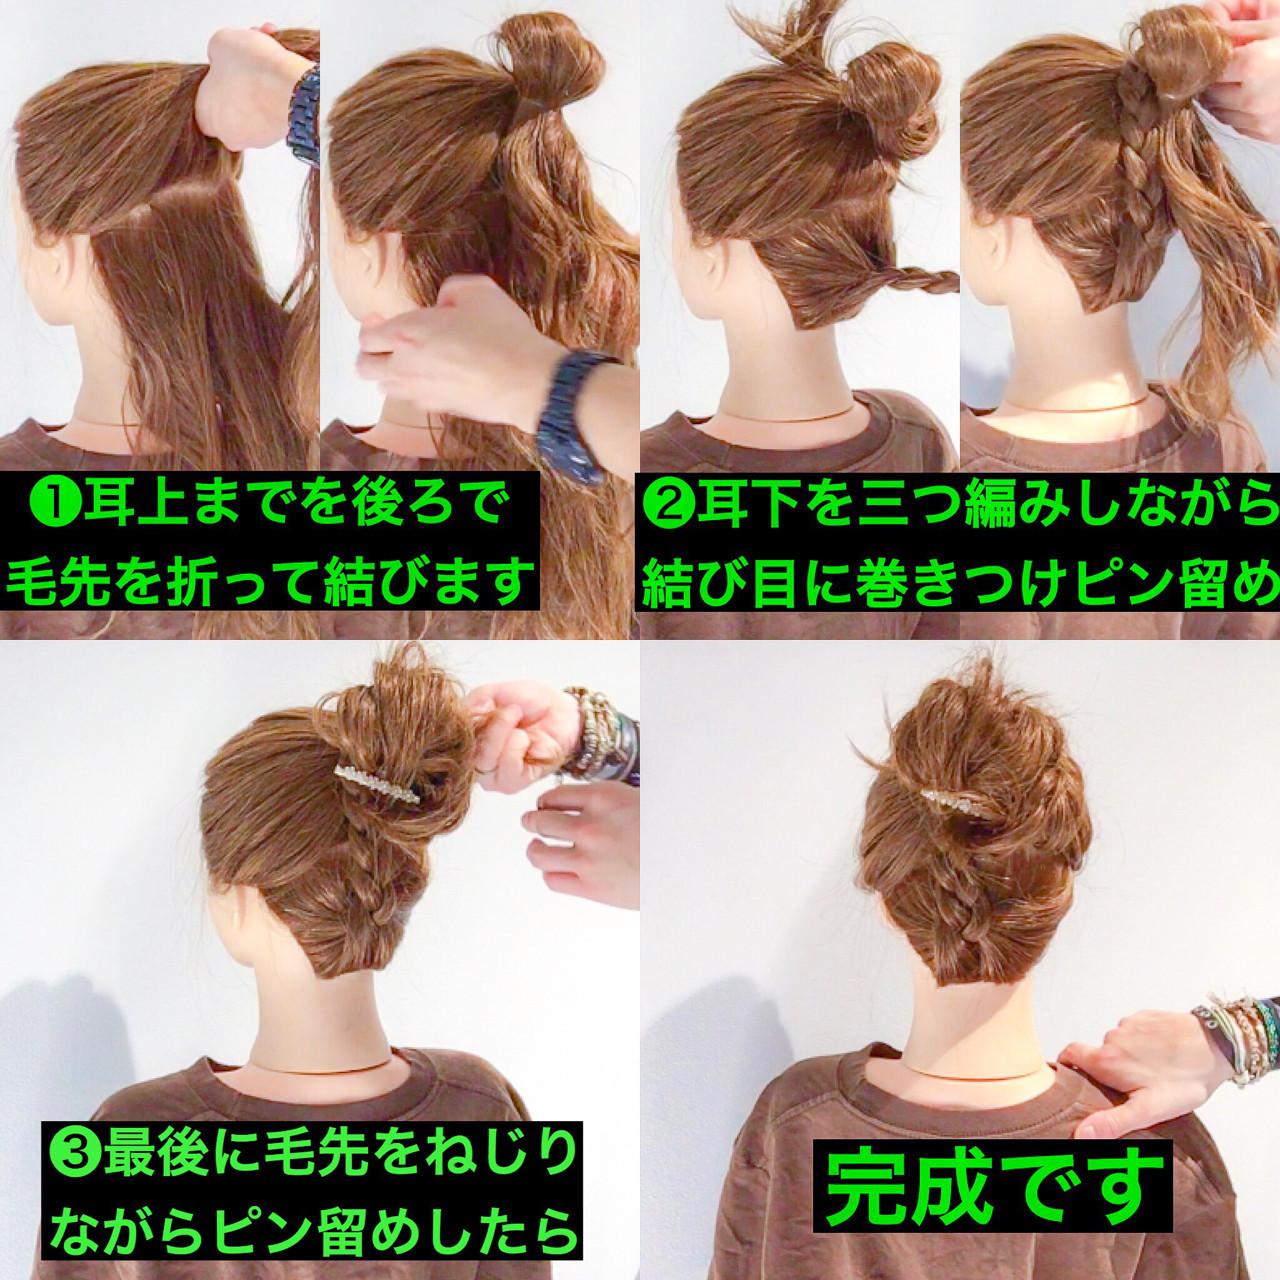 デート アウトドア ガーリー セミロング ヘアスタイルや髪型の写真・画像